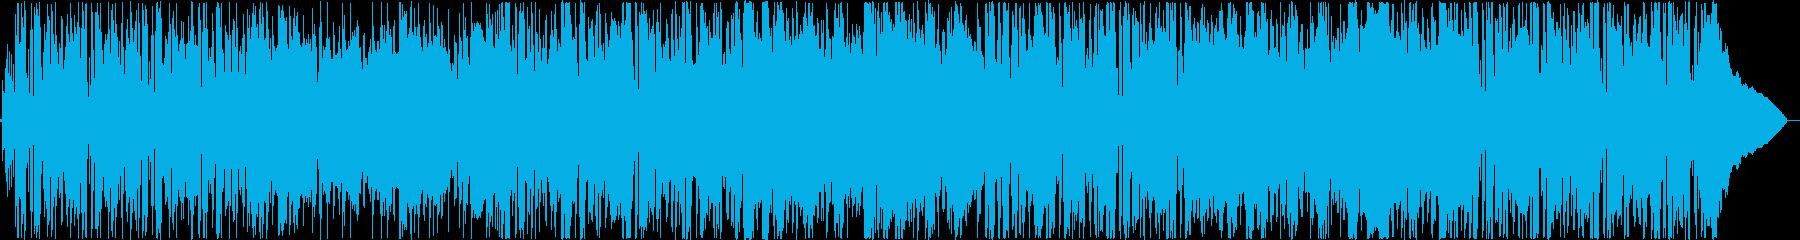 ポジティブで明るいビートのポップロックの再生済みの波形